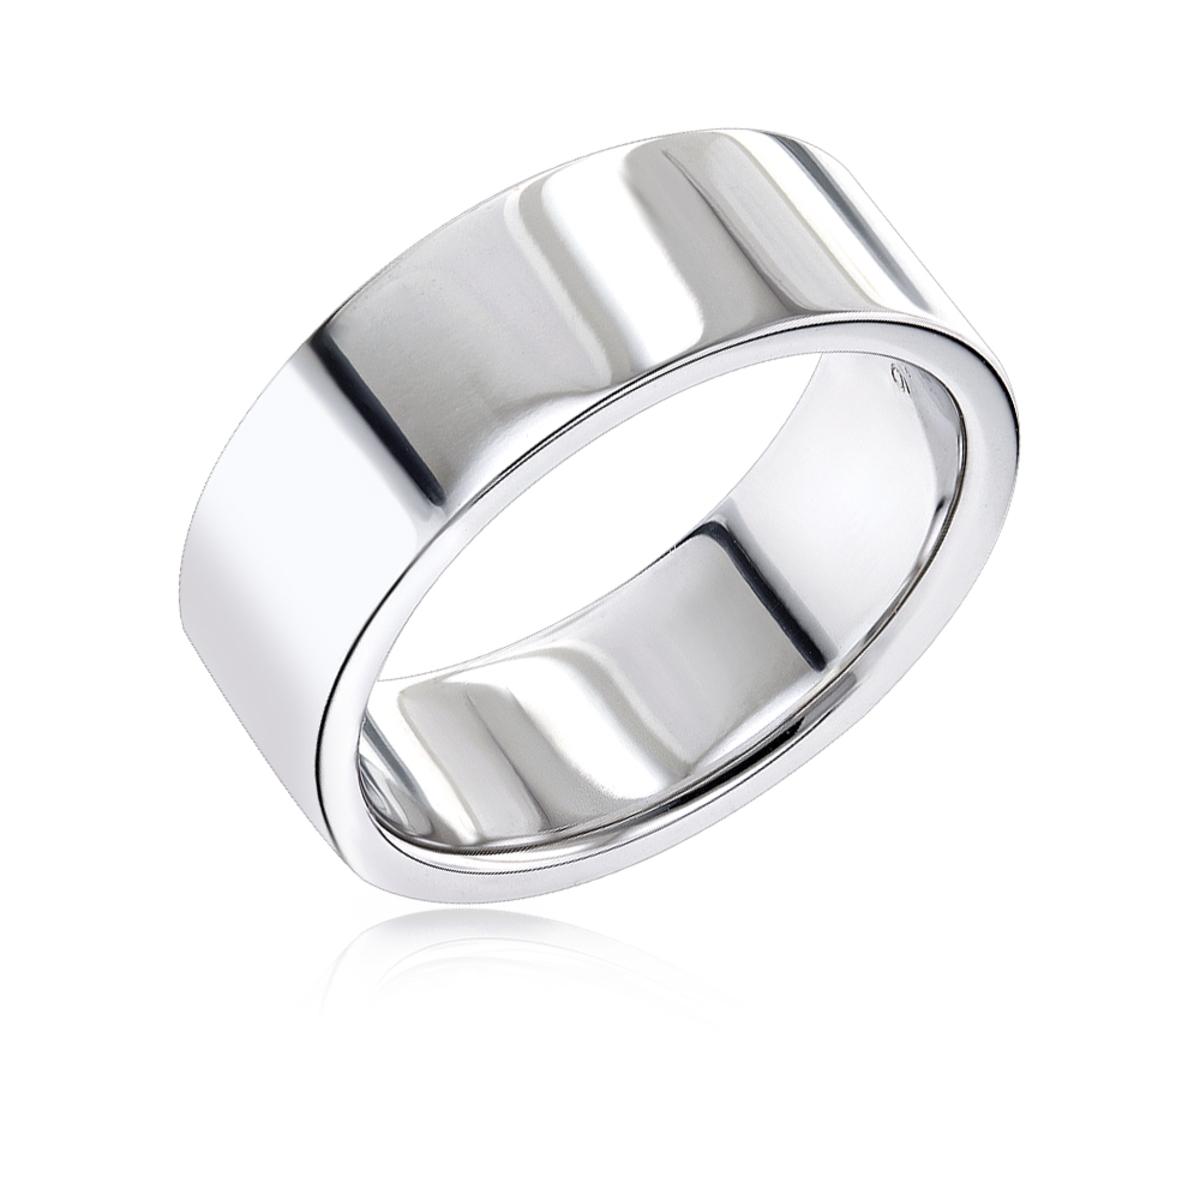 14K Gold Flat Comfort Fit Wedding Ring for Men